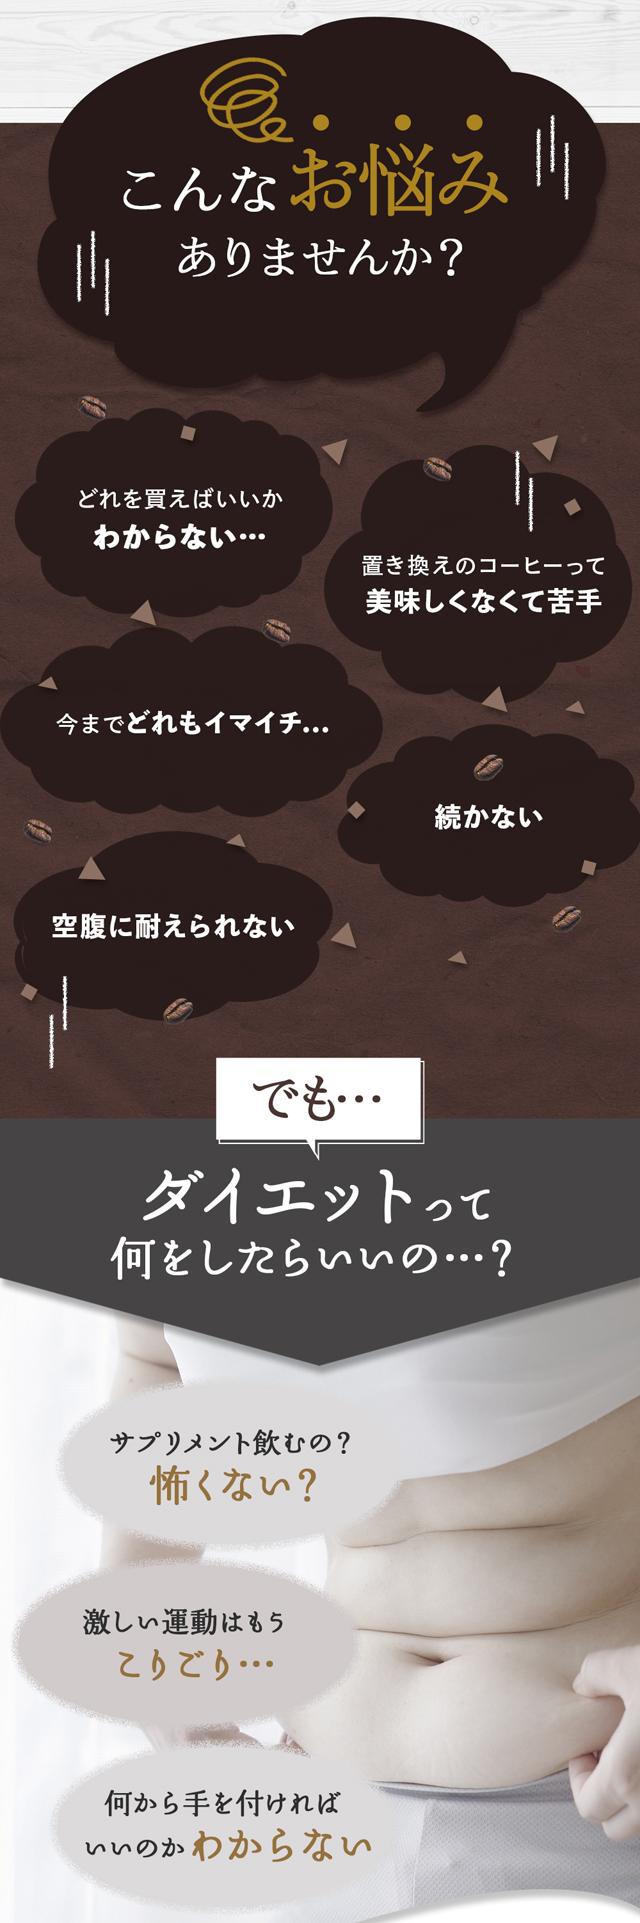 at Coffee(アットコーヒー),効果なし,評判,口コミ